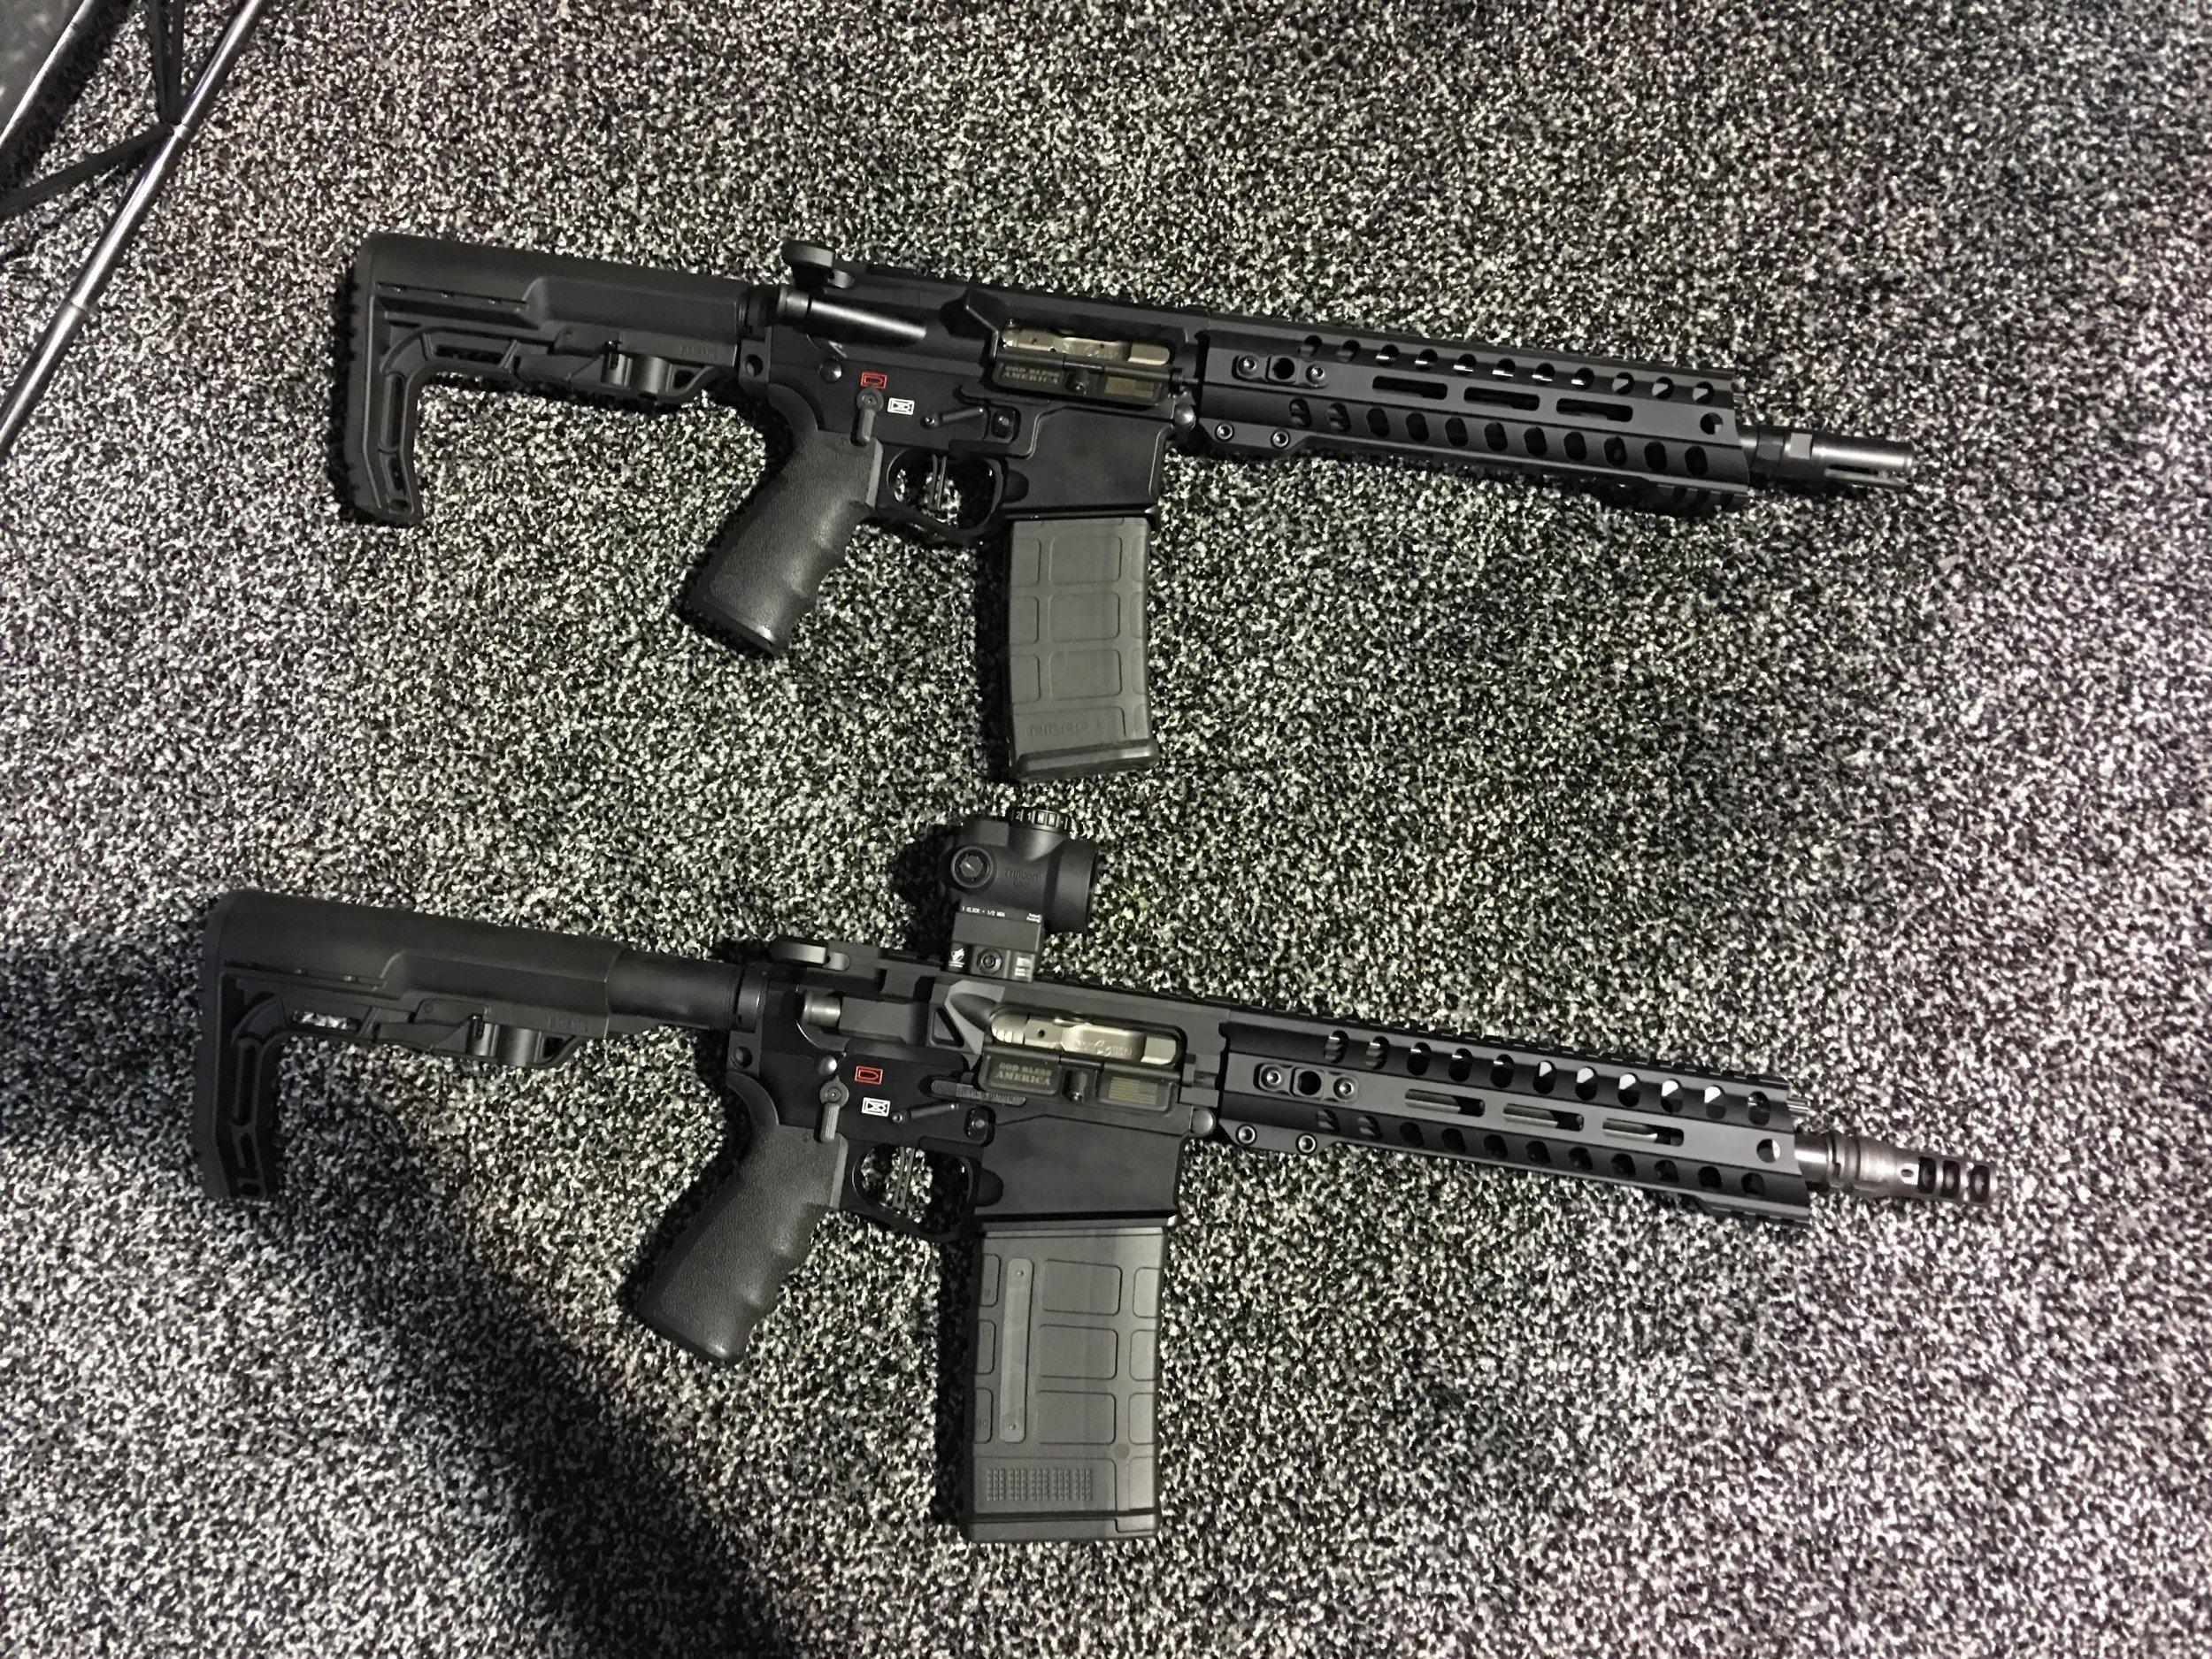 Patriot Ordnance Factory POF-USA Revolution Very-Small-Frame